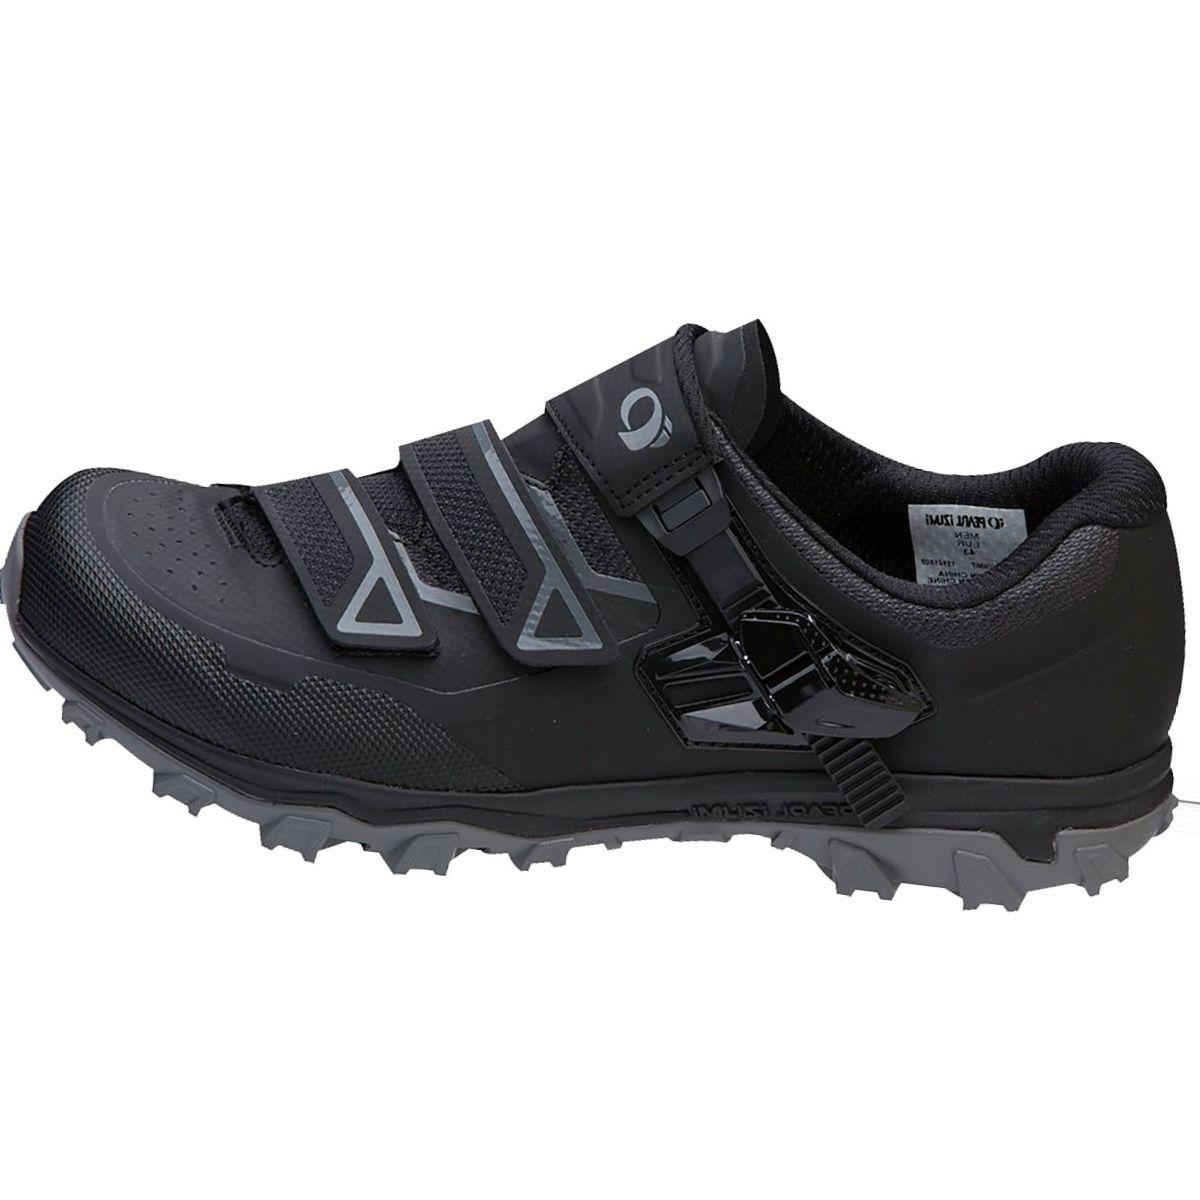 Pearl Izumi X-ALP Summit Cycling Shoe - Men's